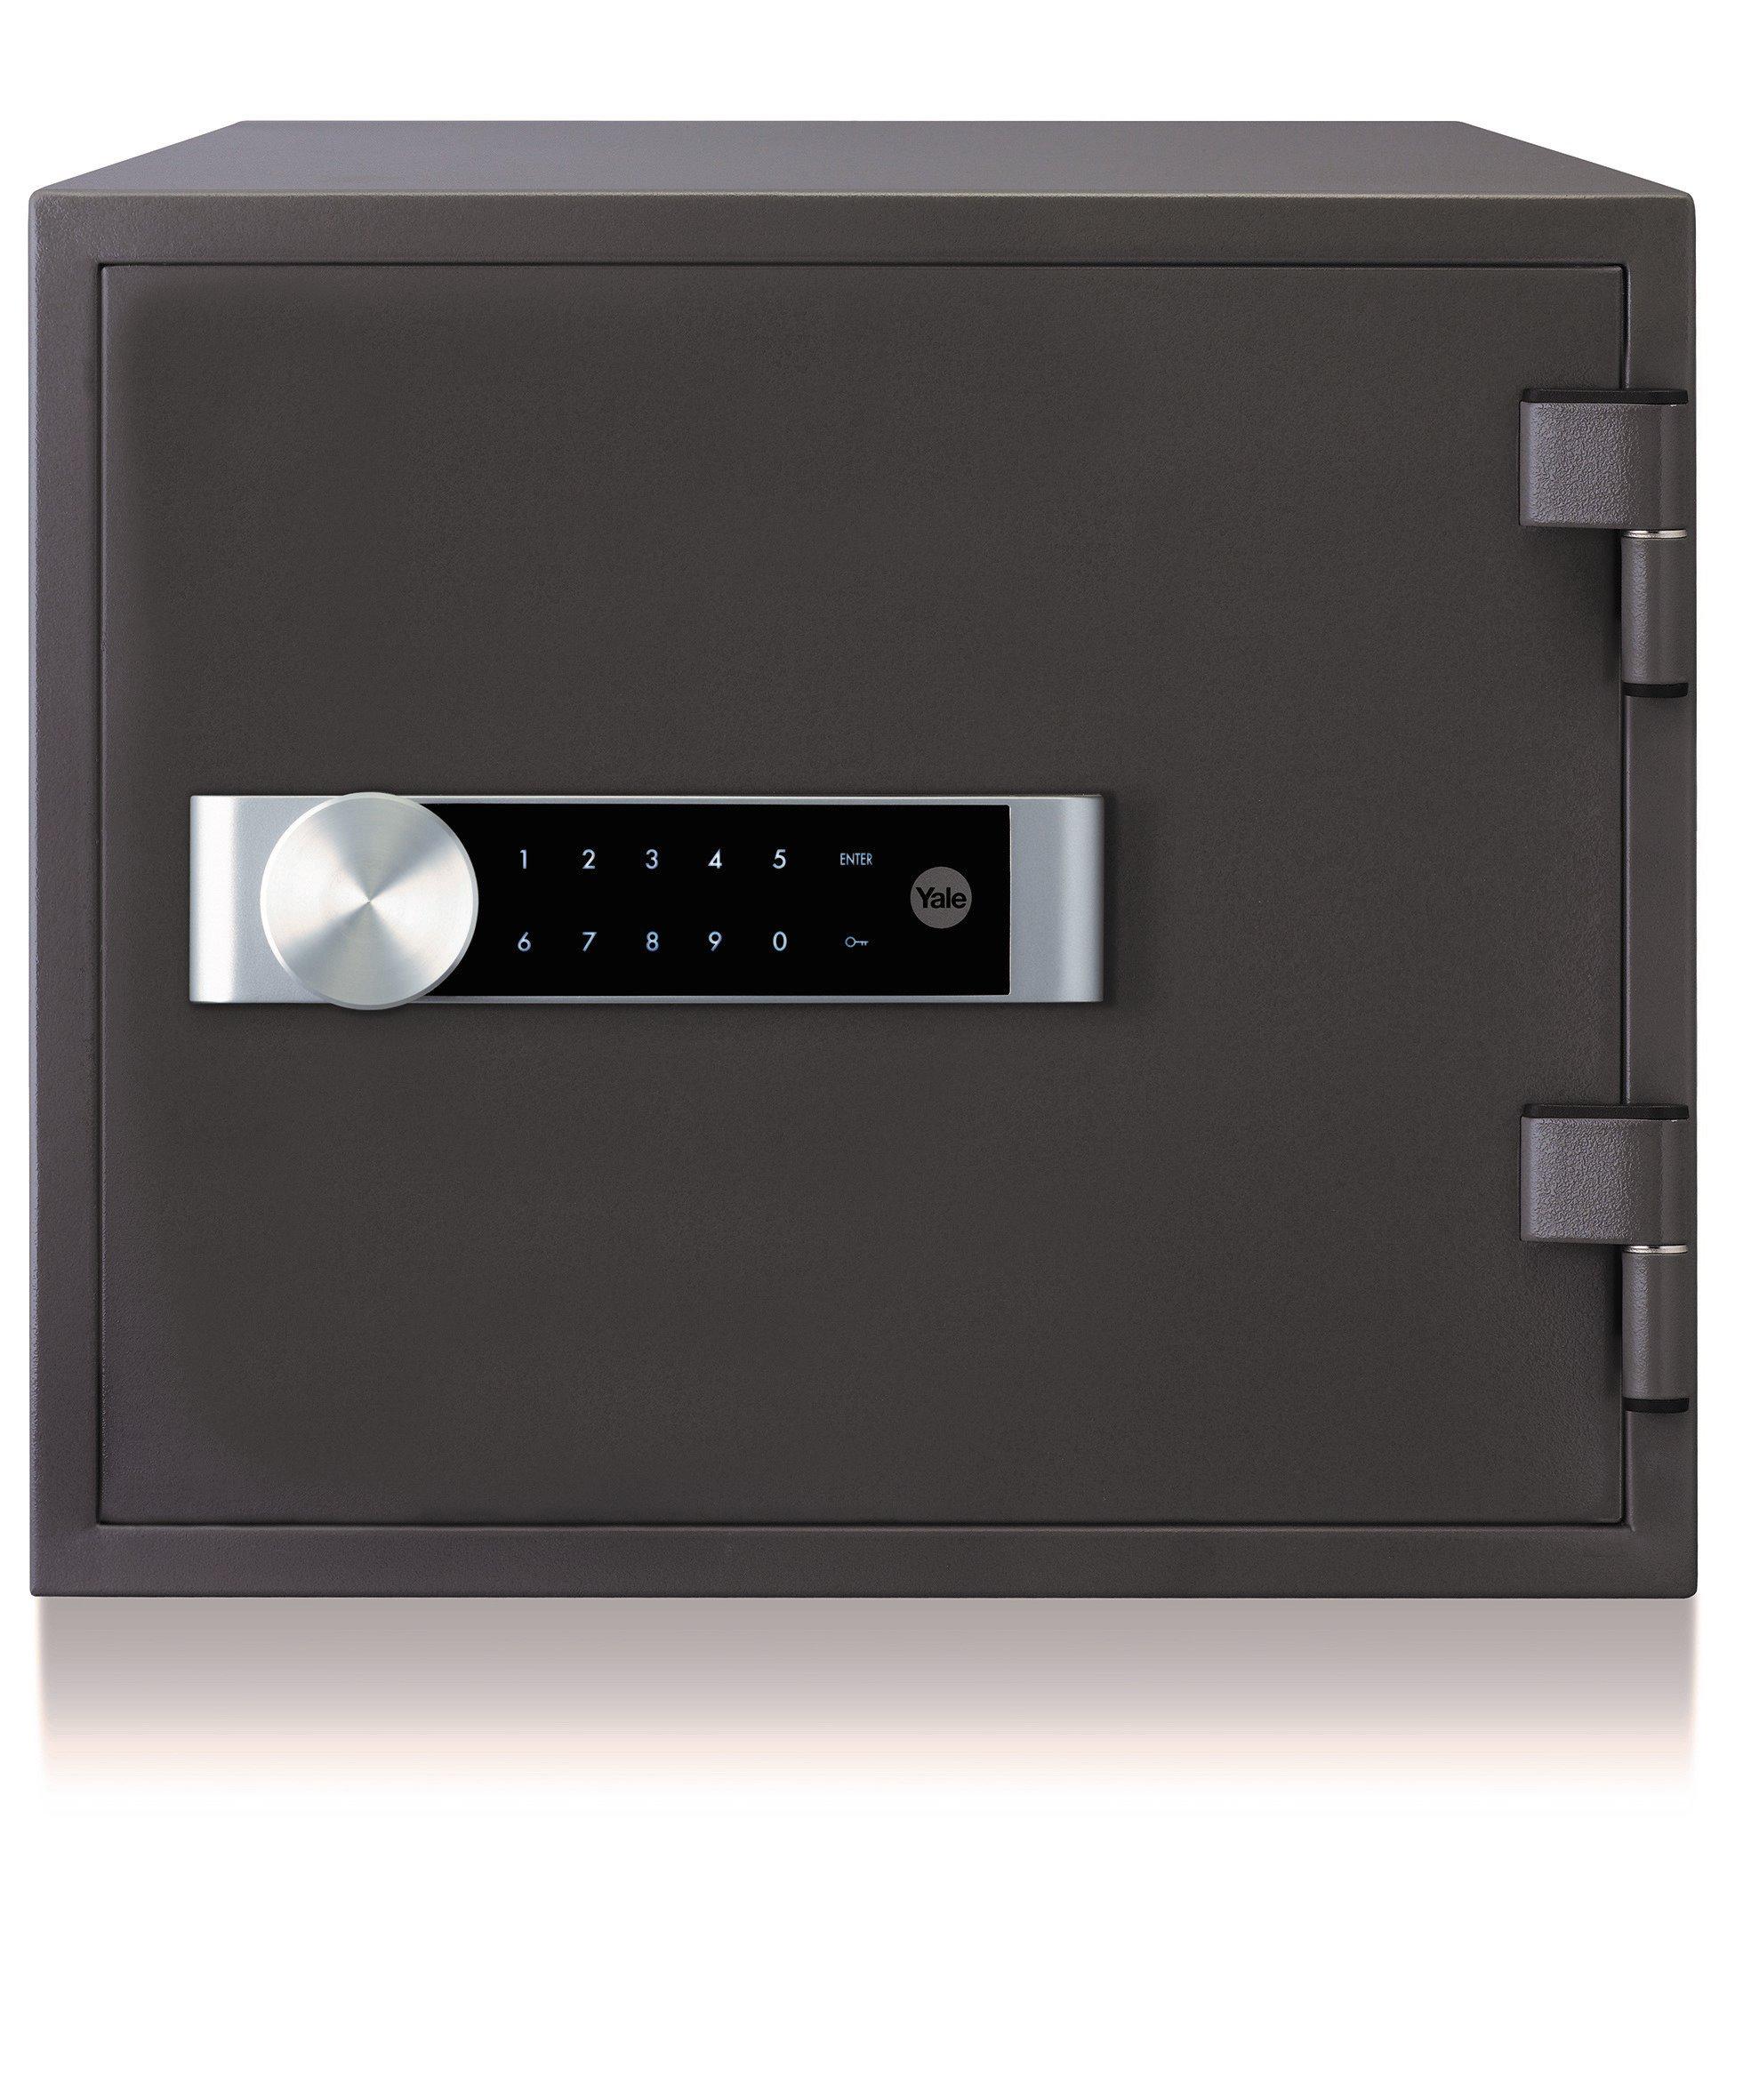 YFM/352/FG2 - Caja fuerte ignífuga pequeña